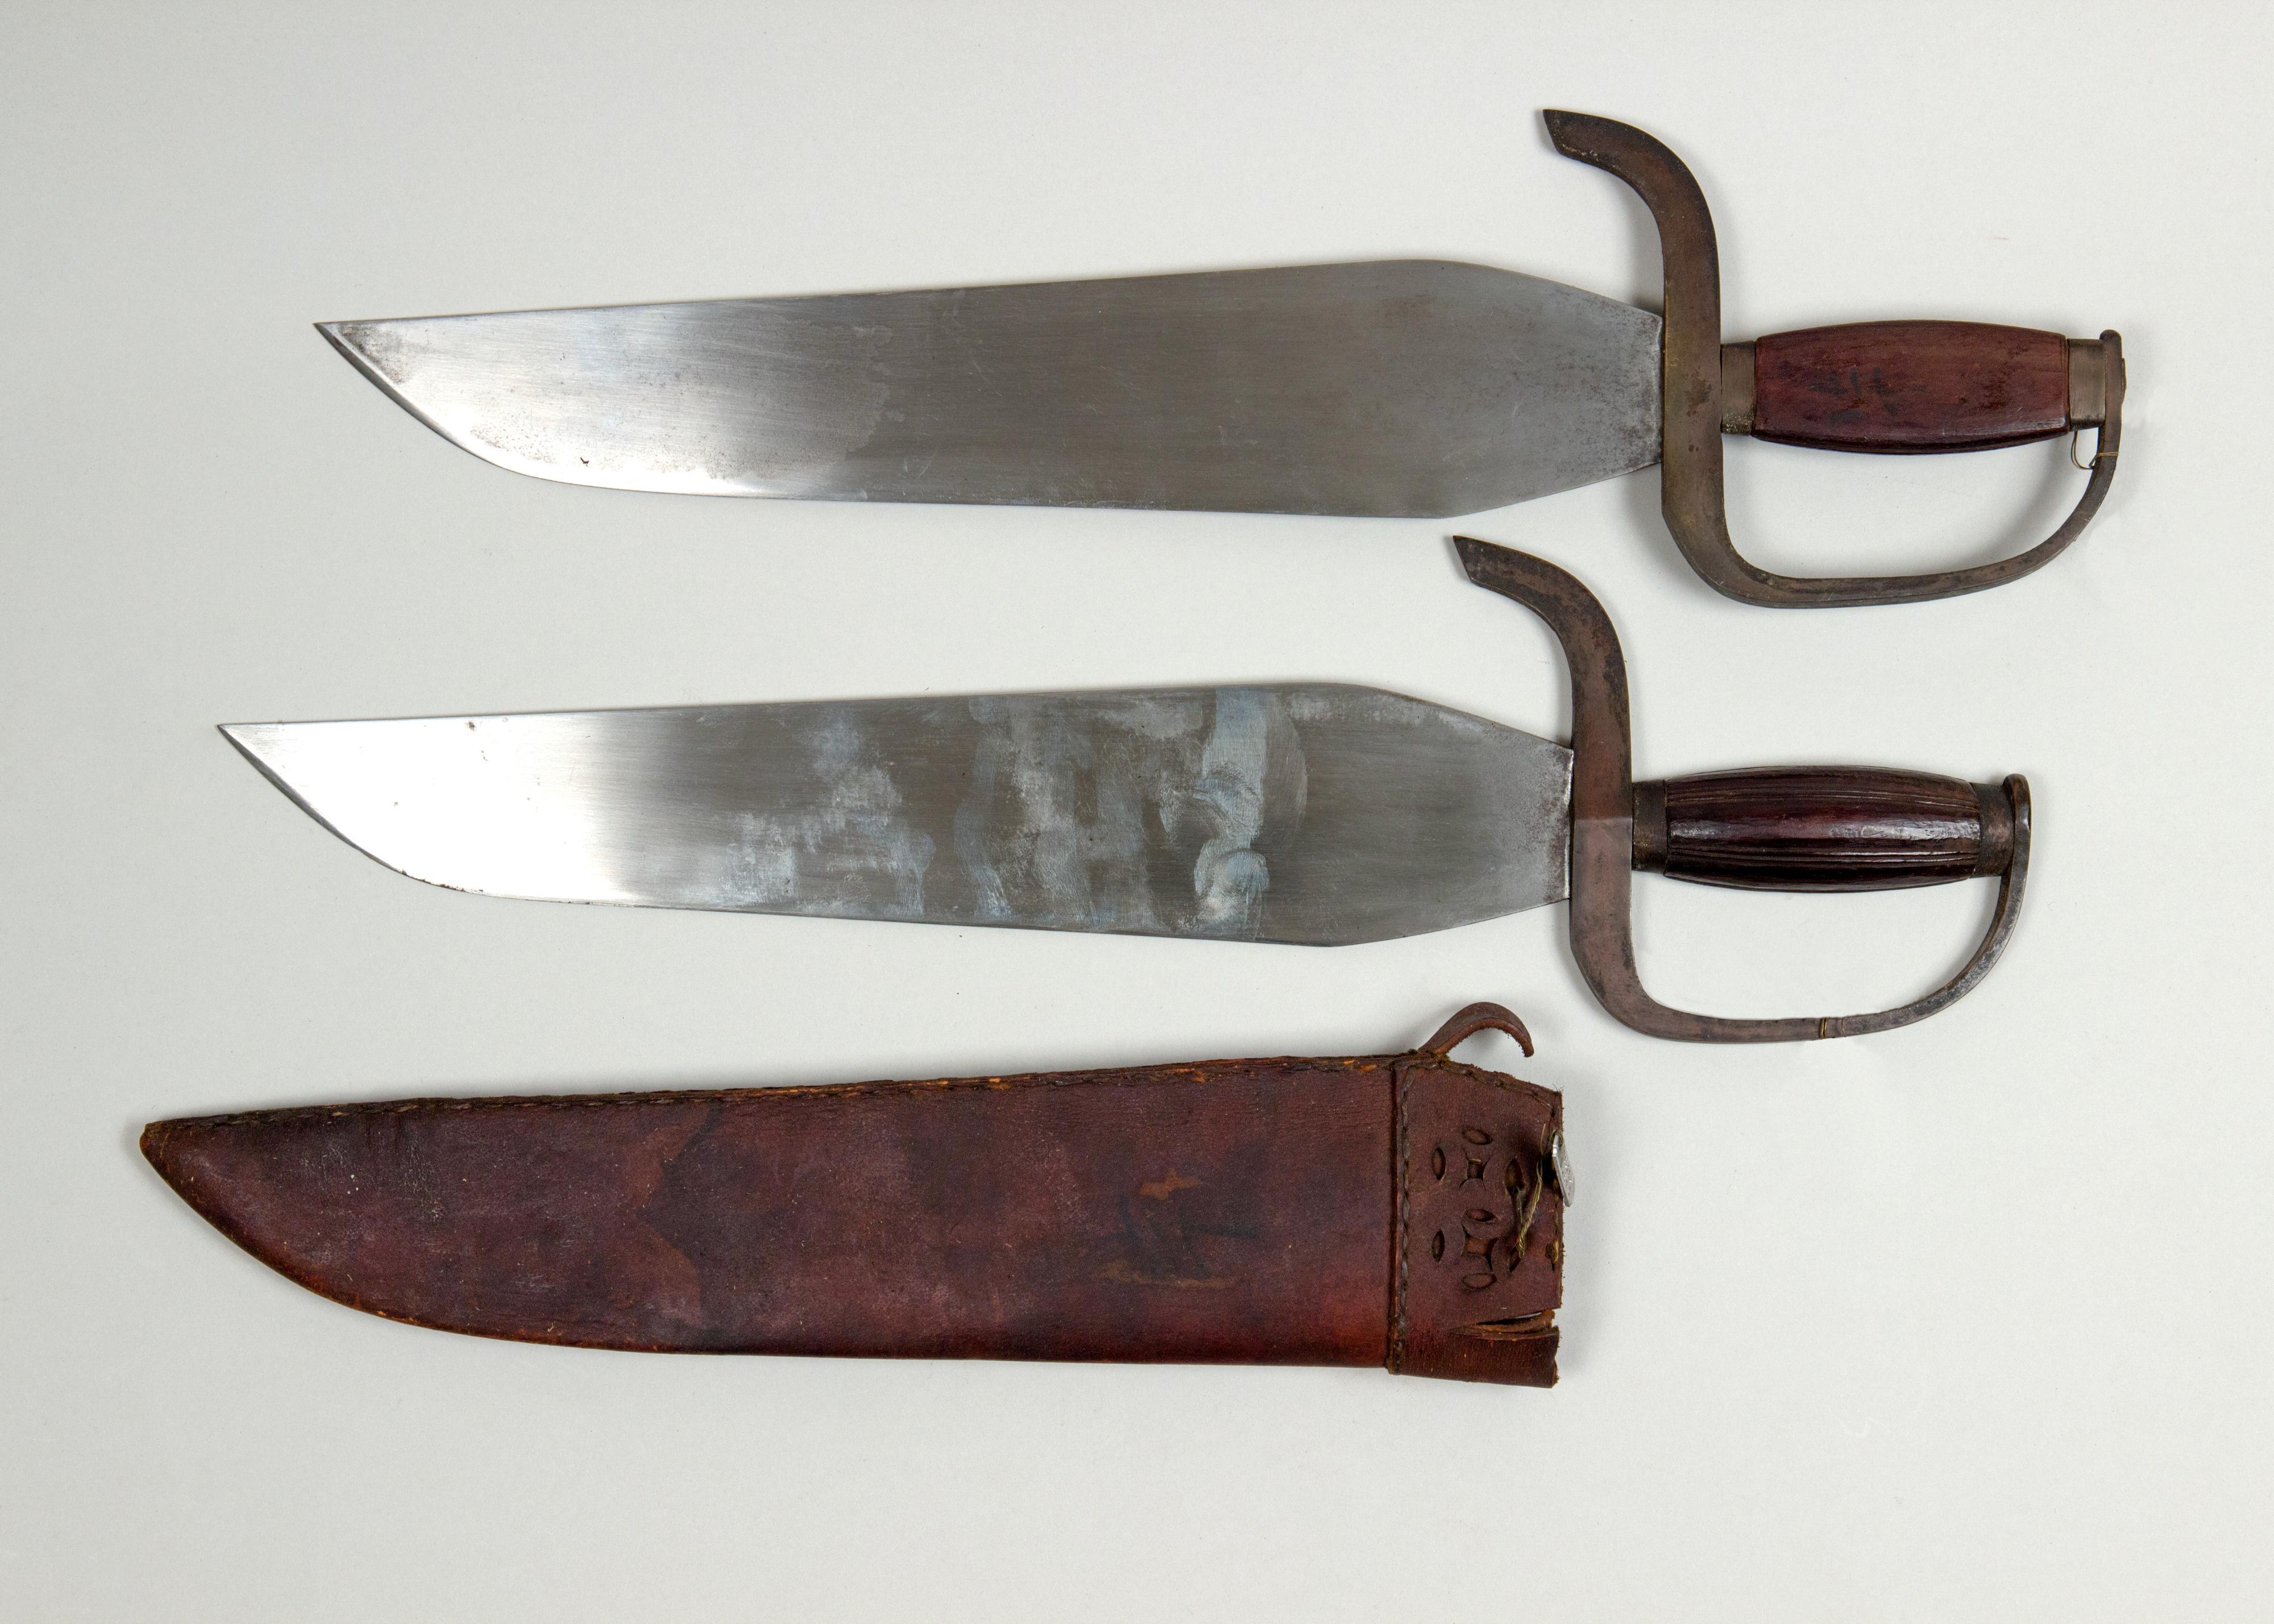 Butterfly sword - Wikipedia